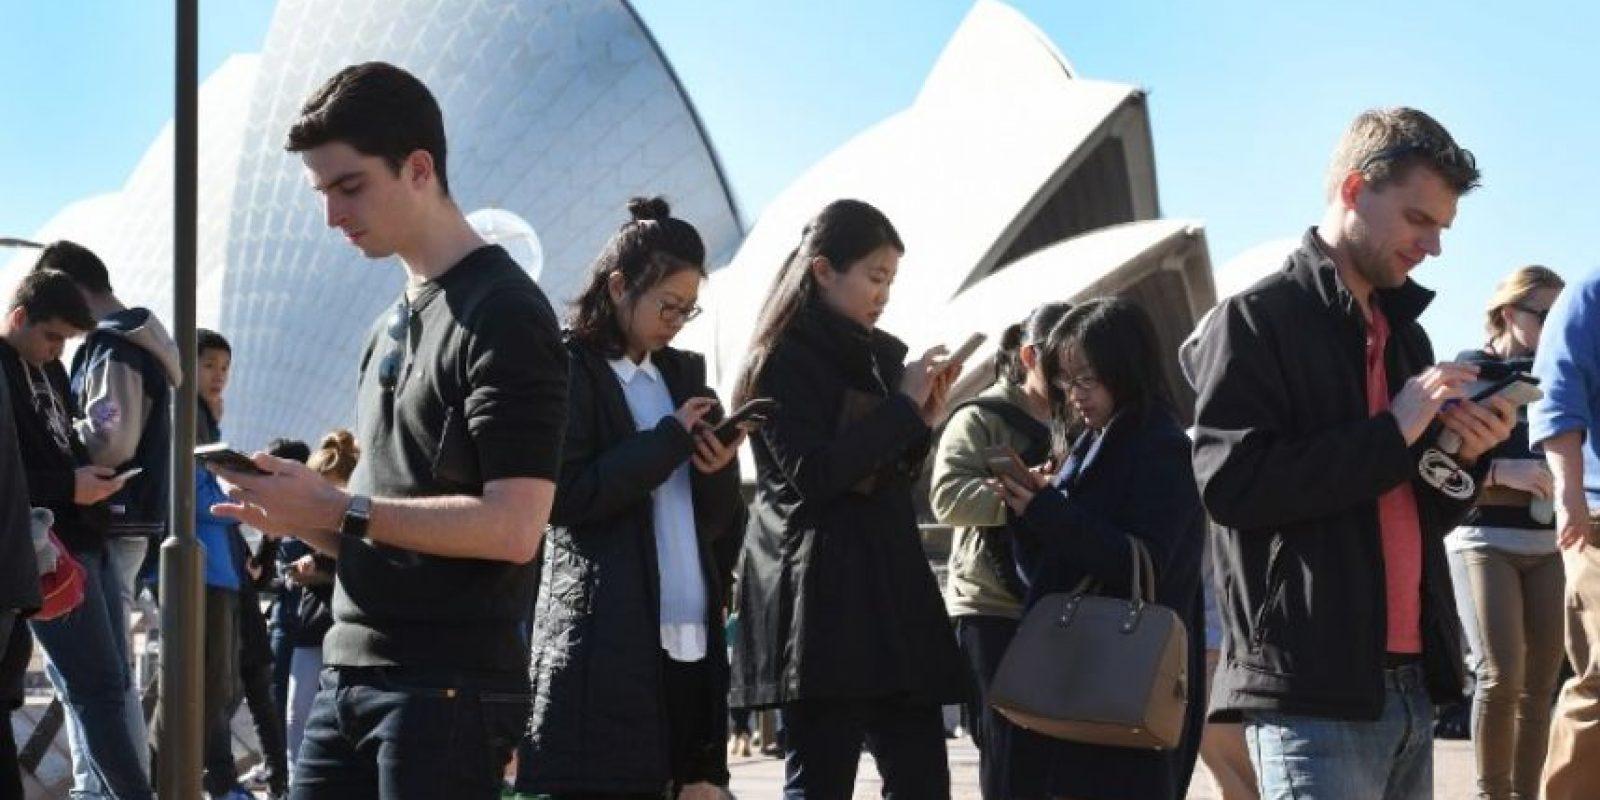 Están jugando en el mundo real, no fijen la mirada solo en su pantalla, atentos a lo que ocurre a su alrededor Foto:Getty Images. Imagen Por: